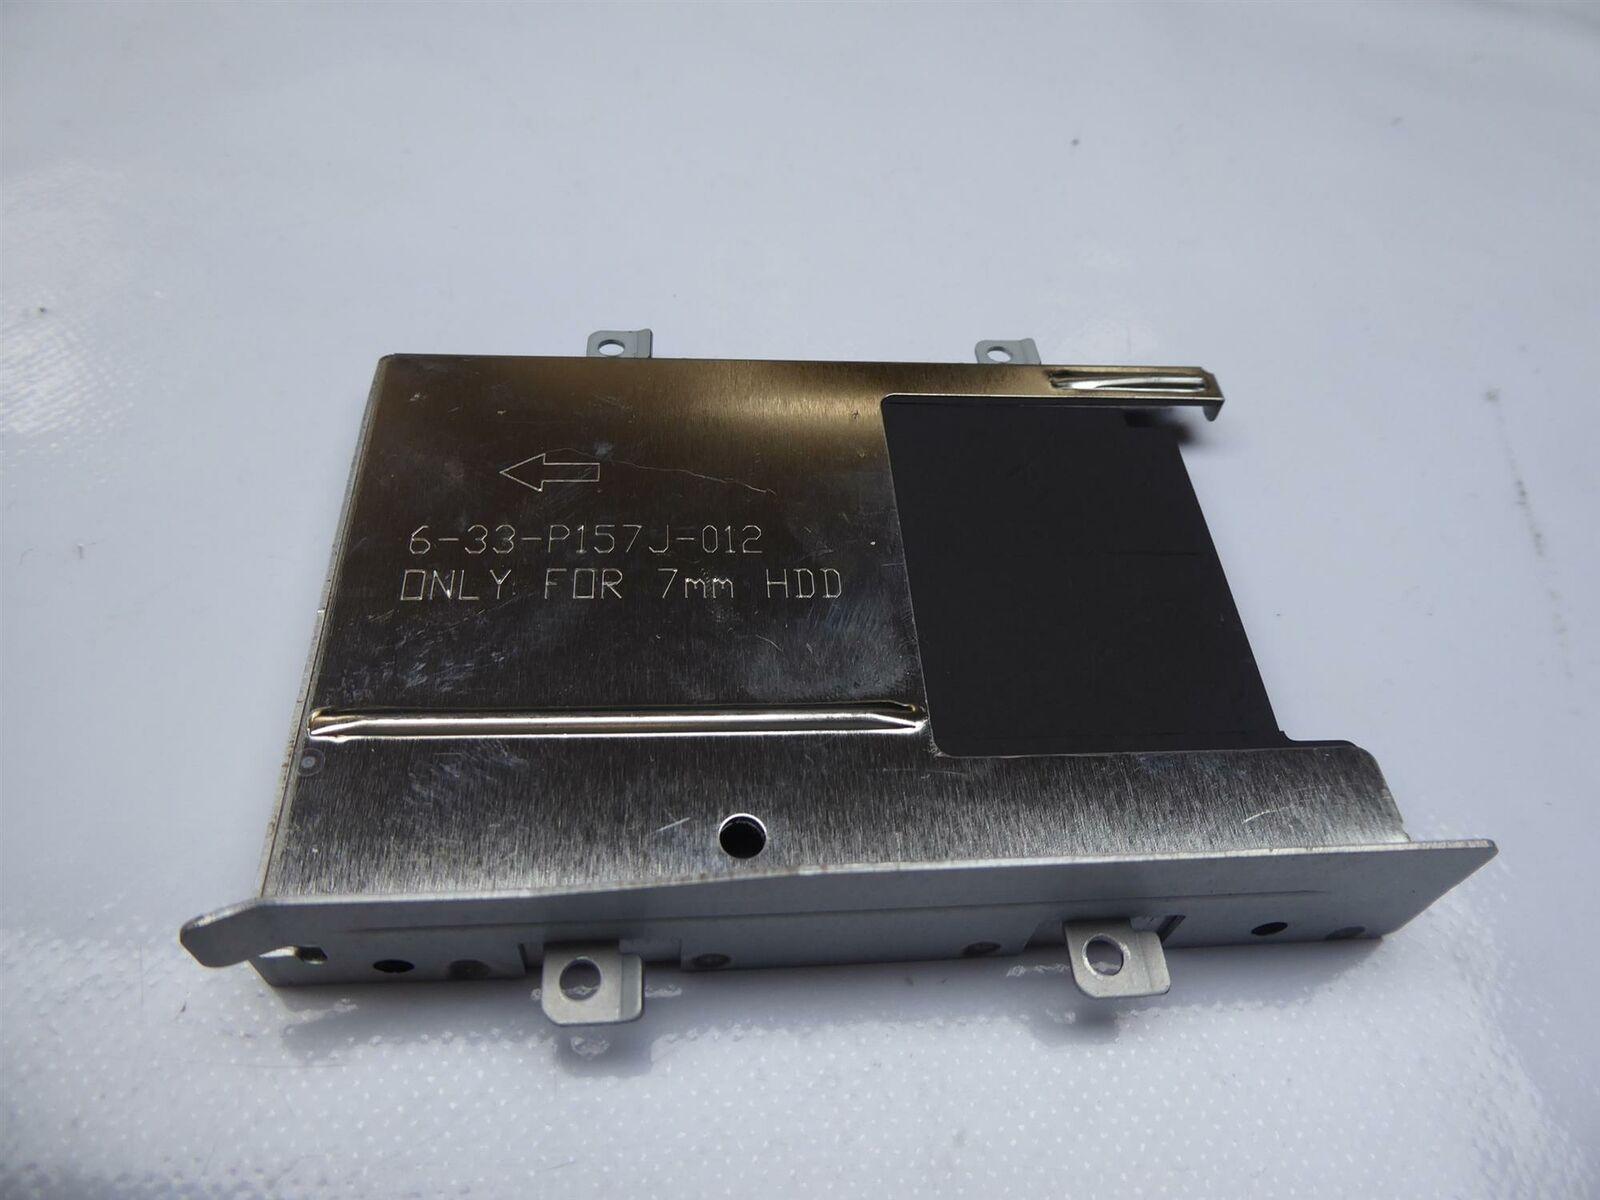 Clevo Multicom P157SM HDD Caddy Hard Drive Bracket #4402